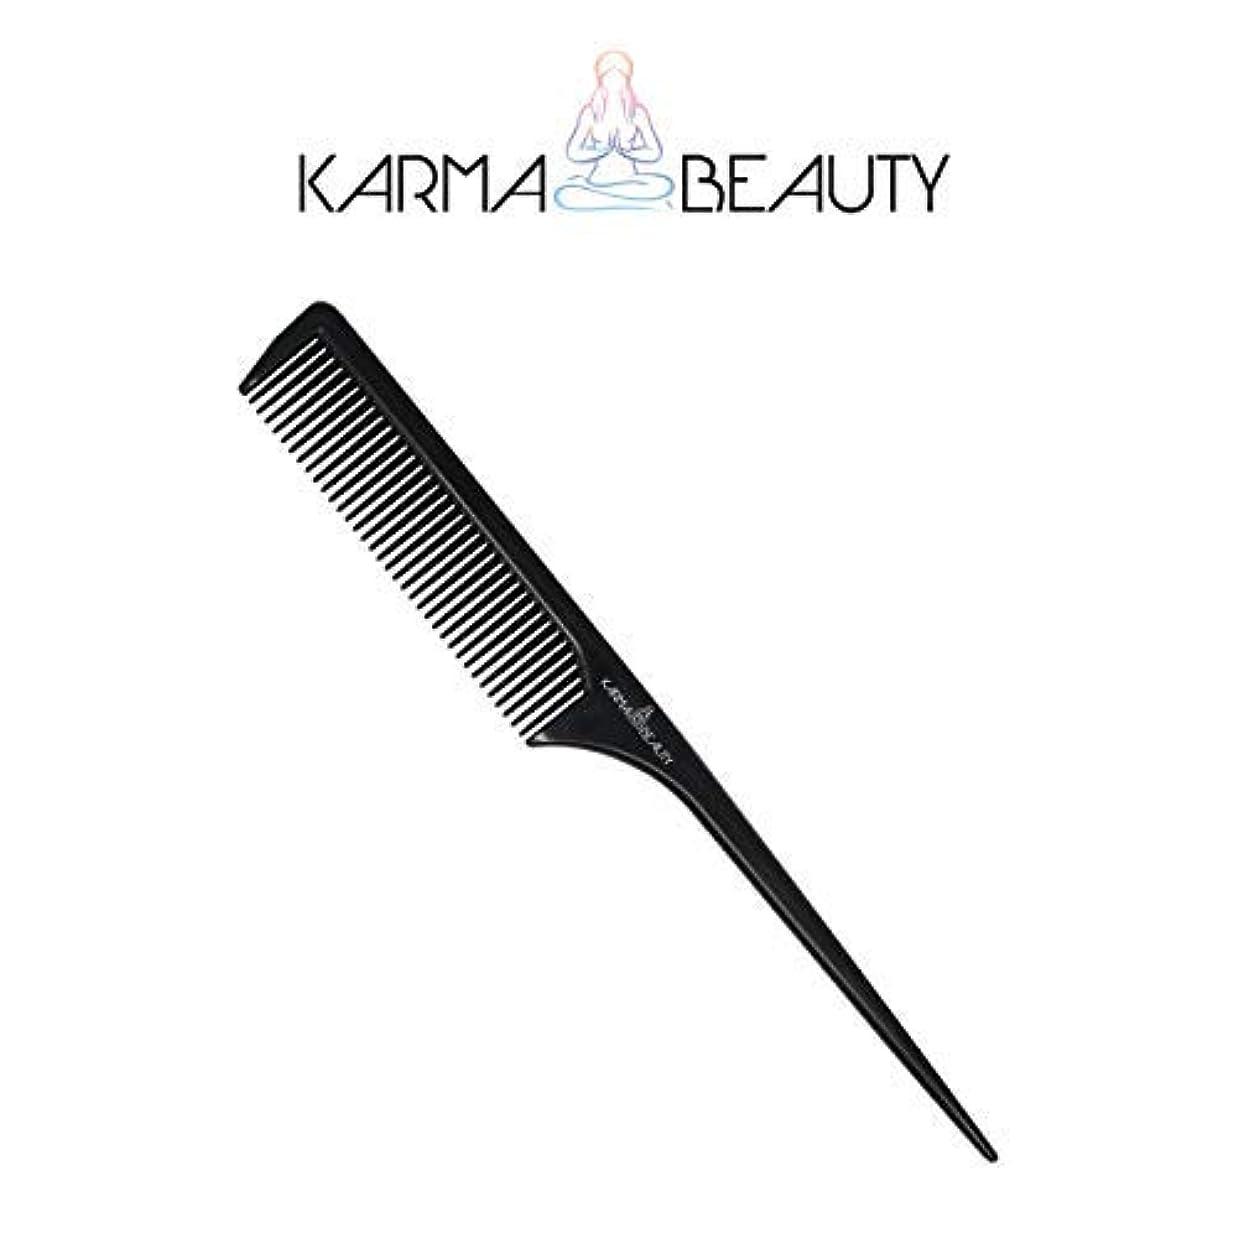 どこでもブリーク長方形Tail Comb | Fine Tooth Hair Comb | Thin and Long Handle | Teasing Comb | For All Hair Type | Karma Beauty | (Black...